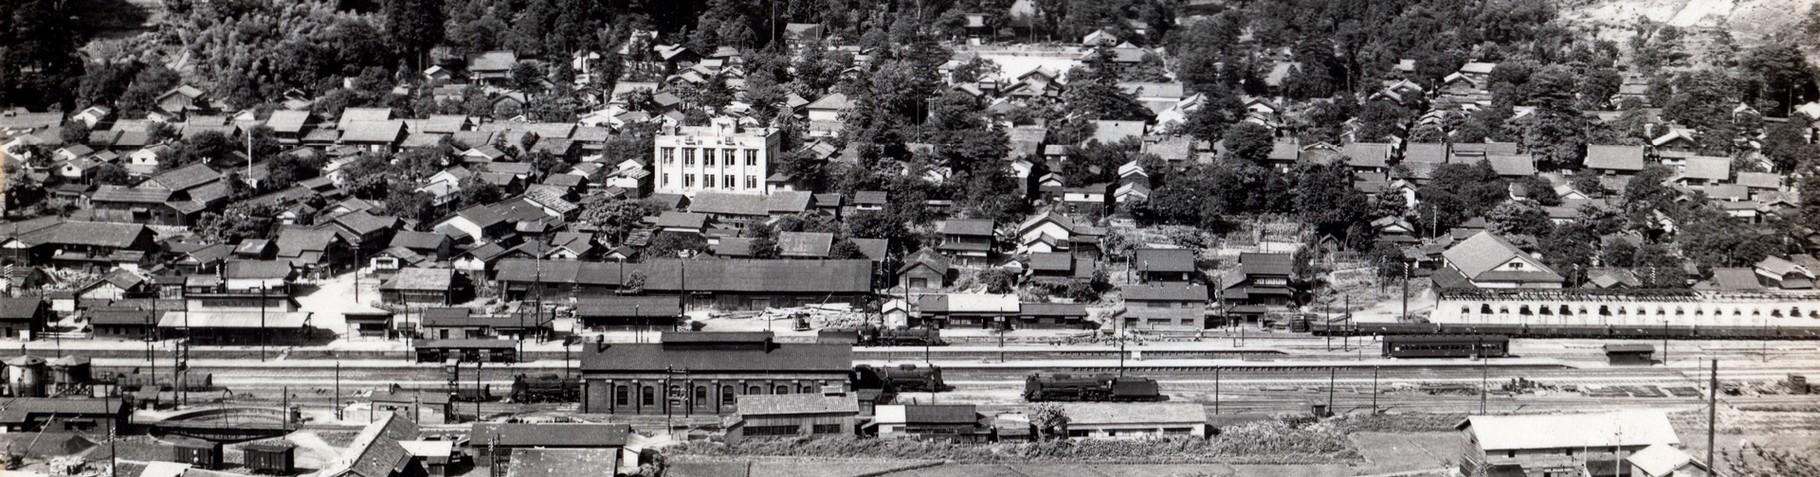 昭和24年当時の今庄駅周辺、レンガ作りの機関車格納庫、転車台がある。